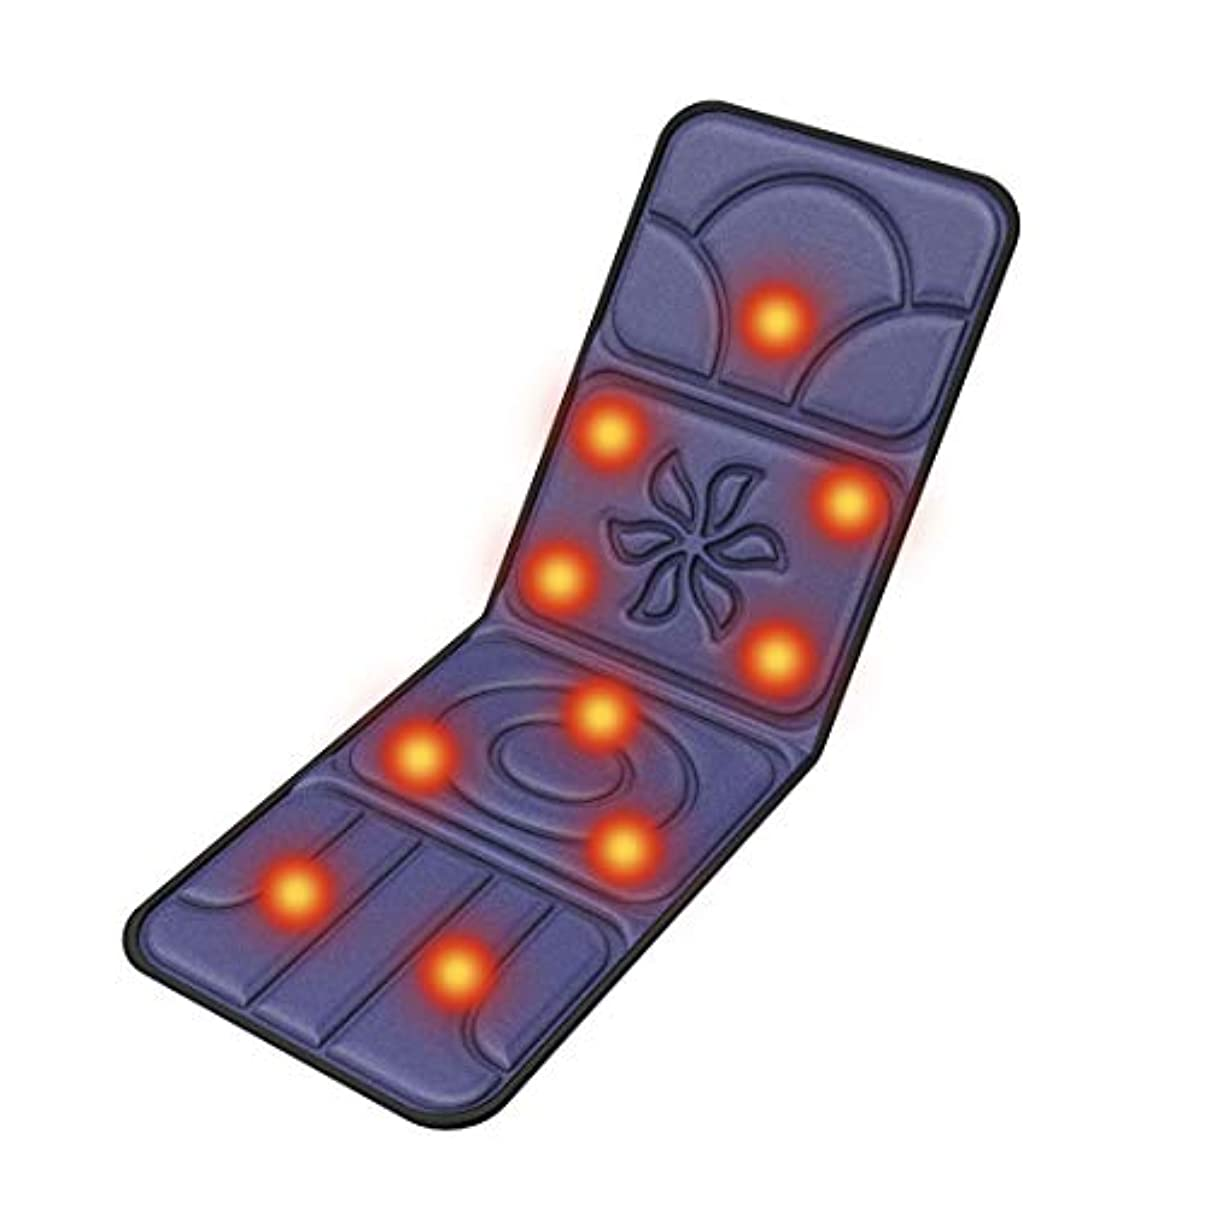 リビングルームインスタント翻訳するDOOB マッサージマットレス スリープ折りたたみ床 マッサージ機 マッサージ クッション シート マットレス チェア 電動 パッド 10つのもみ玉